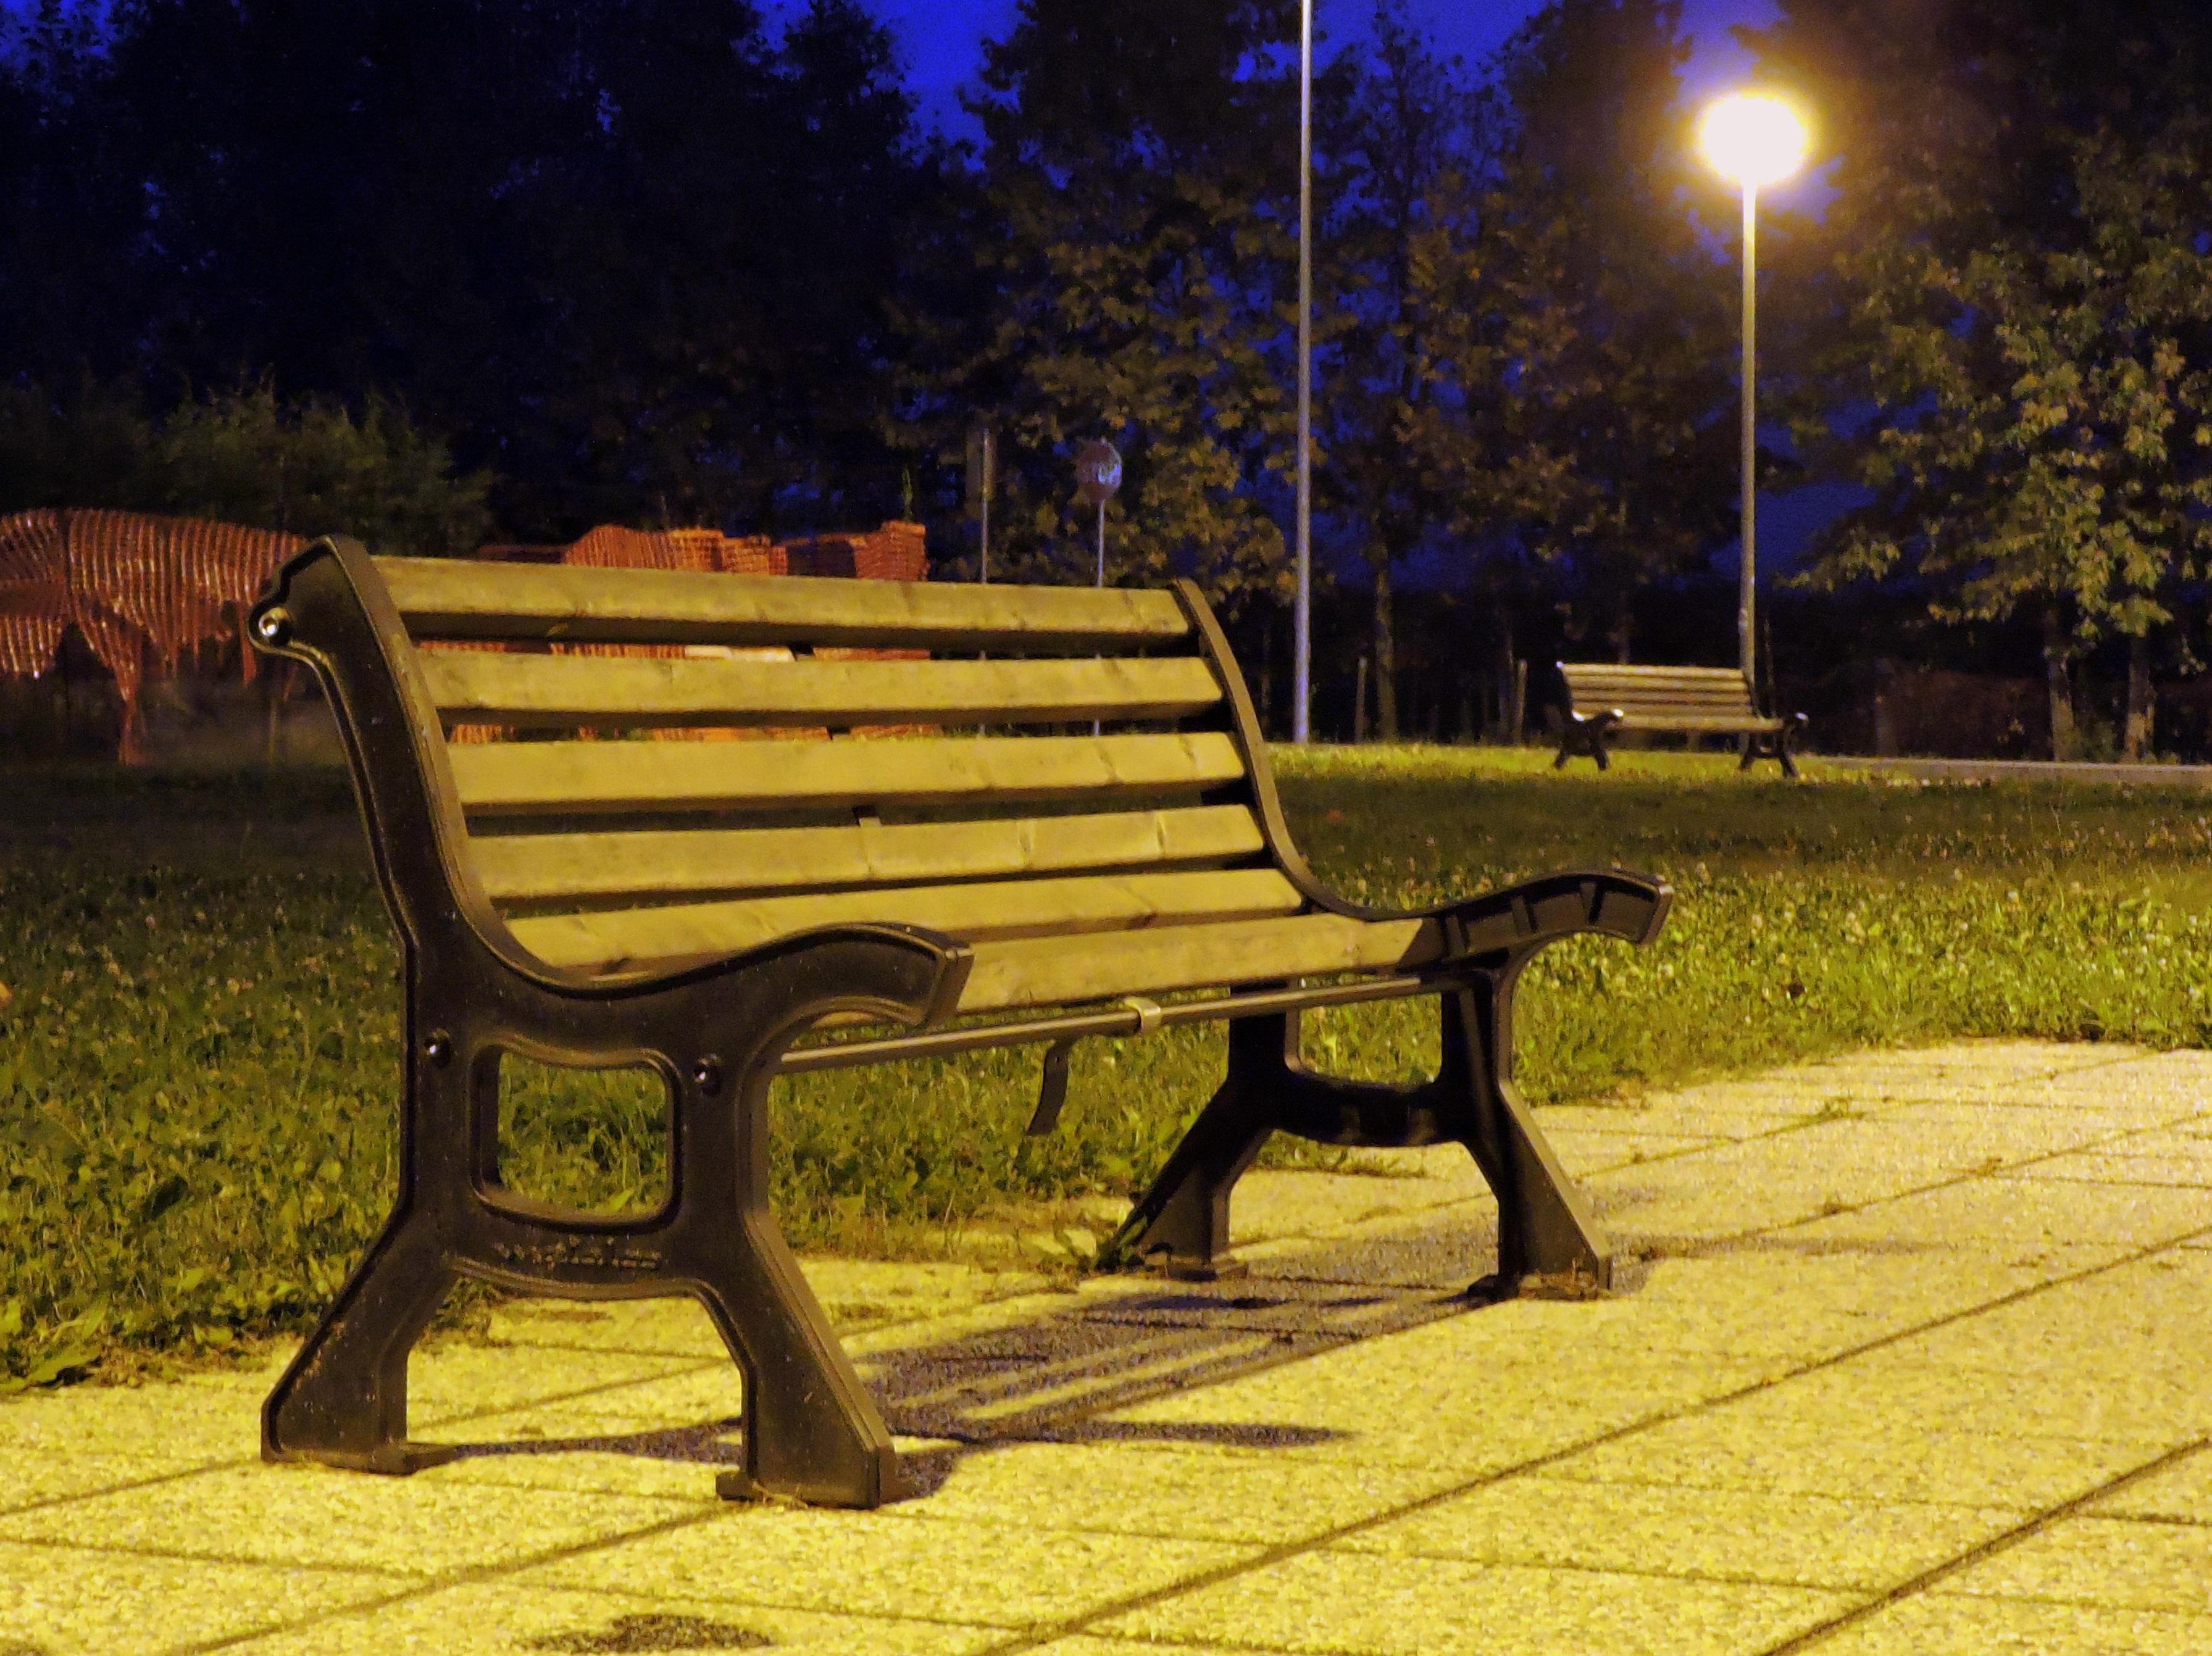 Fotos Gratis Ligero Banco Noche Soledad Parque Mueble  # Muebles Soledad